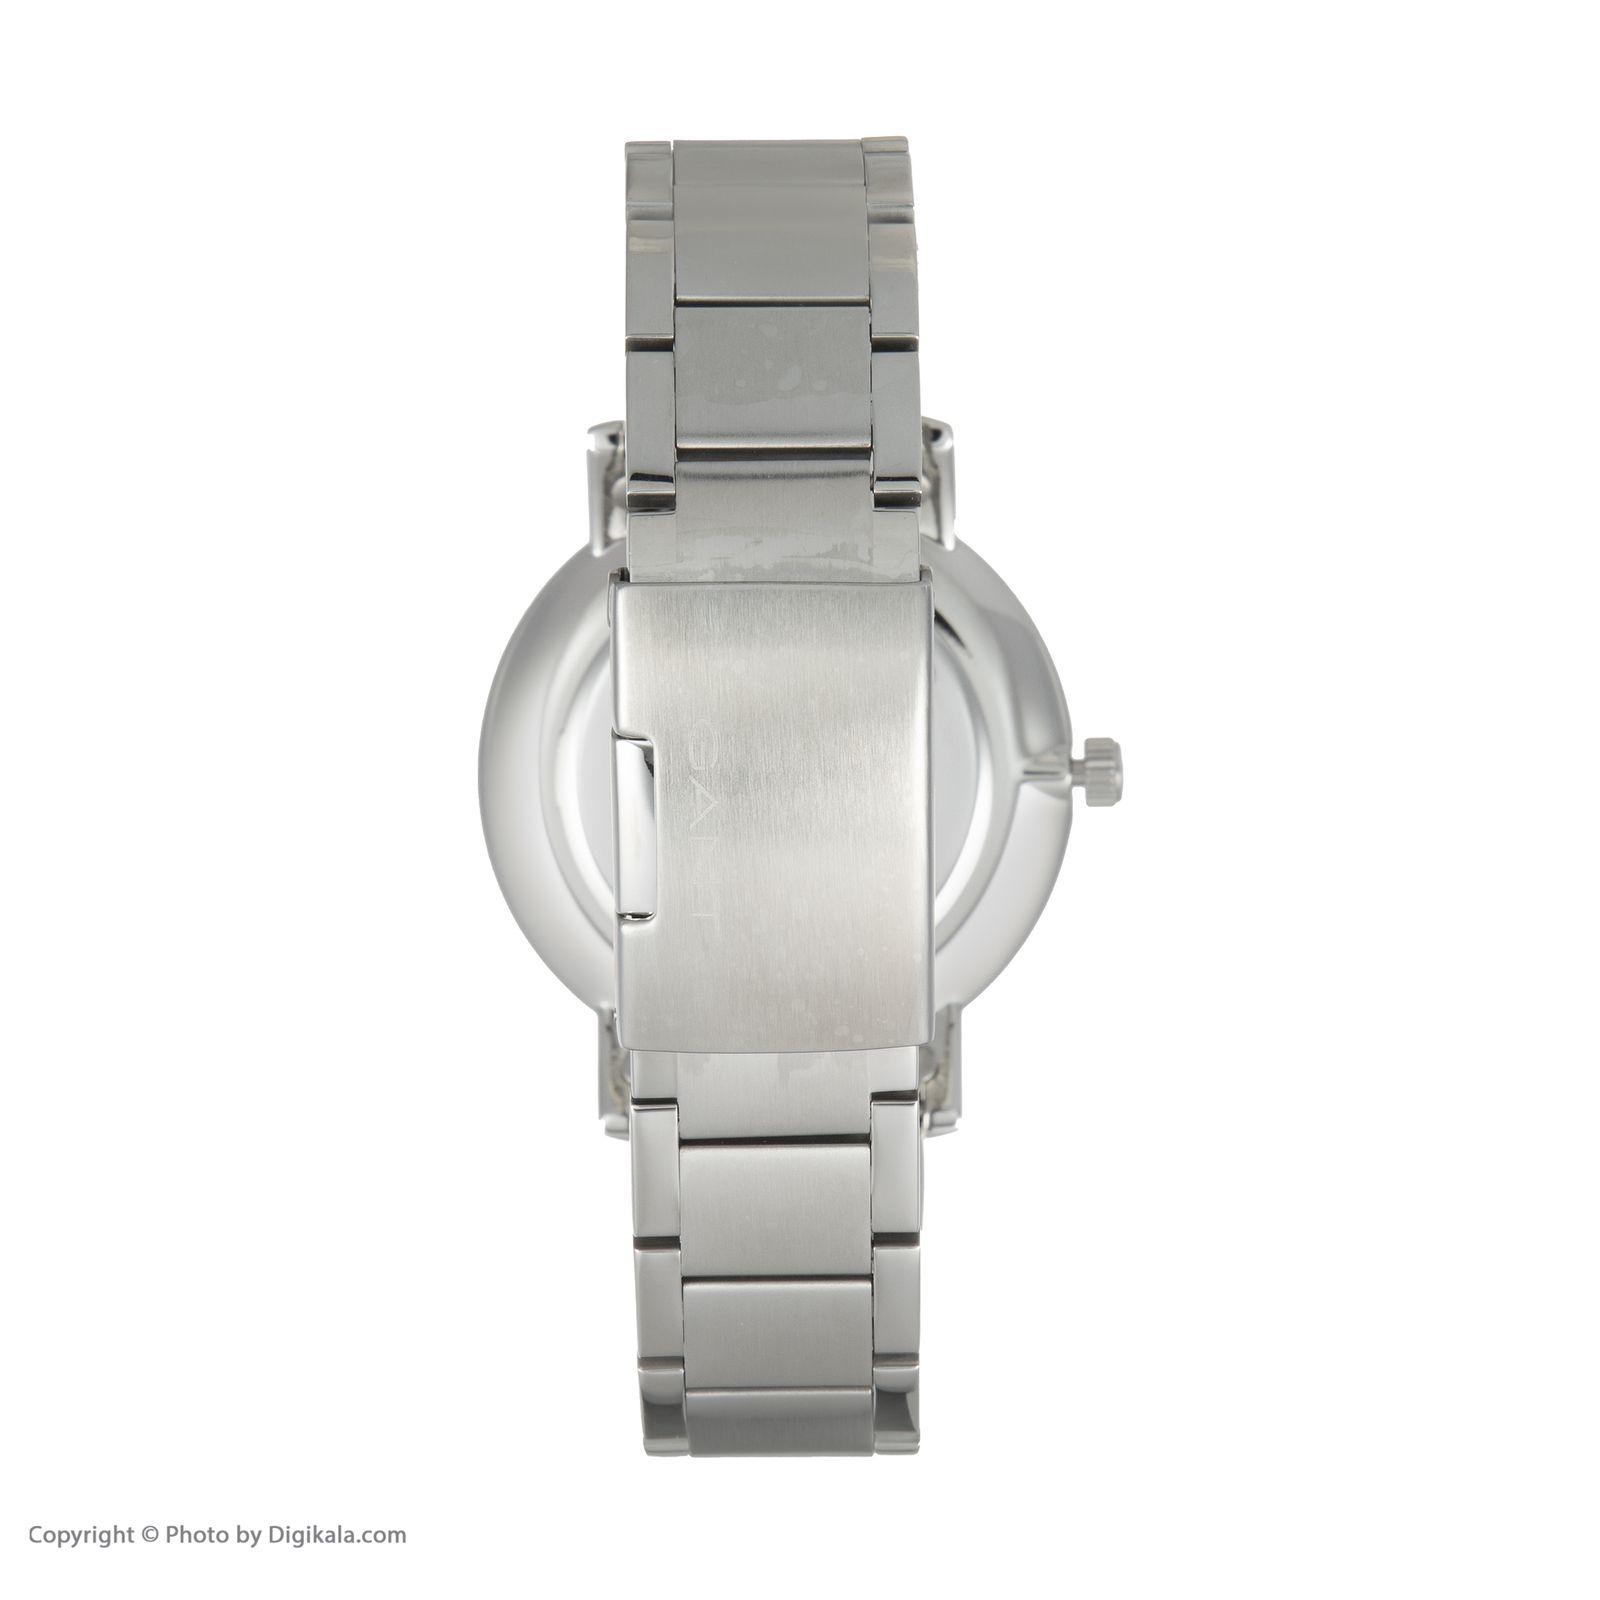 ساعت مچی عقربه ای مردانه گنت مدل GWW006026 -  - 4